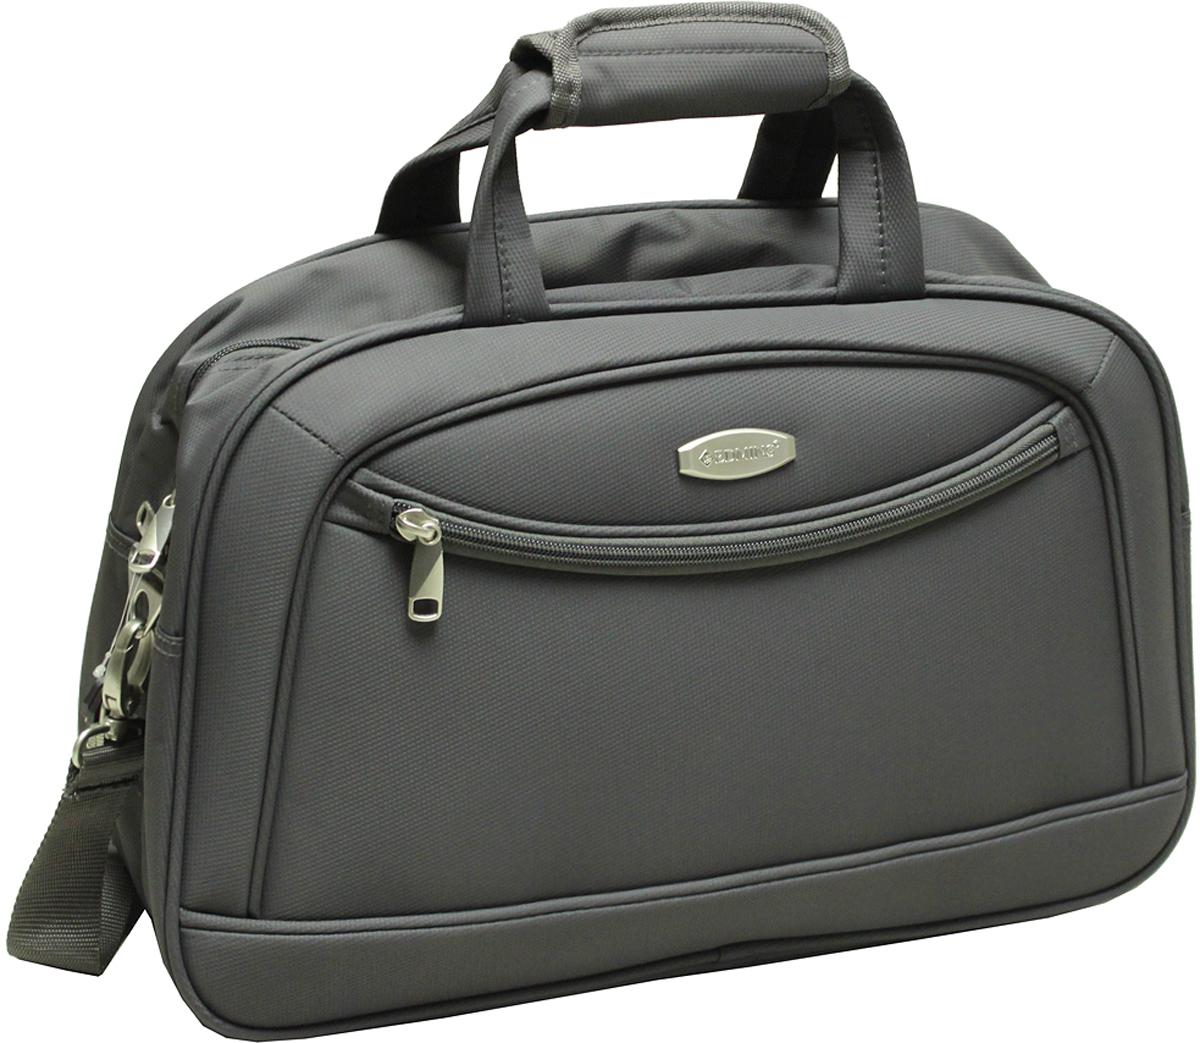 Сумка дорожная Edmins, цвет: серый, 20 л. 213 HF 415*3-1213 HF 415*3-1Сумка дорожная Edmins выполнена из легкой, очень прочной ткани, которая великолепно сохраняет форму и проста в уходе. Данная модель удобна и практична: имеет широкий плечевой ремень, 2 ручки-переноски, умный карман, который позволяет одевать сумку на ручку чемодана, освобождая Ваши руки, а также жеское дно, которое можно поднять, для компактного хранения сумки. Внутри имеется дополнительный карман на молнии. На внешней стороне находится вместительный карман на молнии, который позволяет все самое необходимое хранить под рукой. Внешние габариты: 46*30*16. Вес 0,9кг. Объем 22л. Гарантия 2 года.